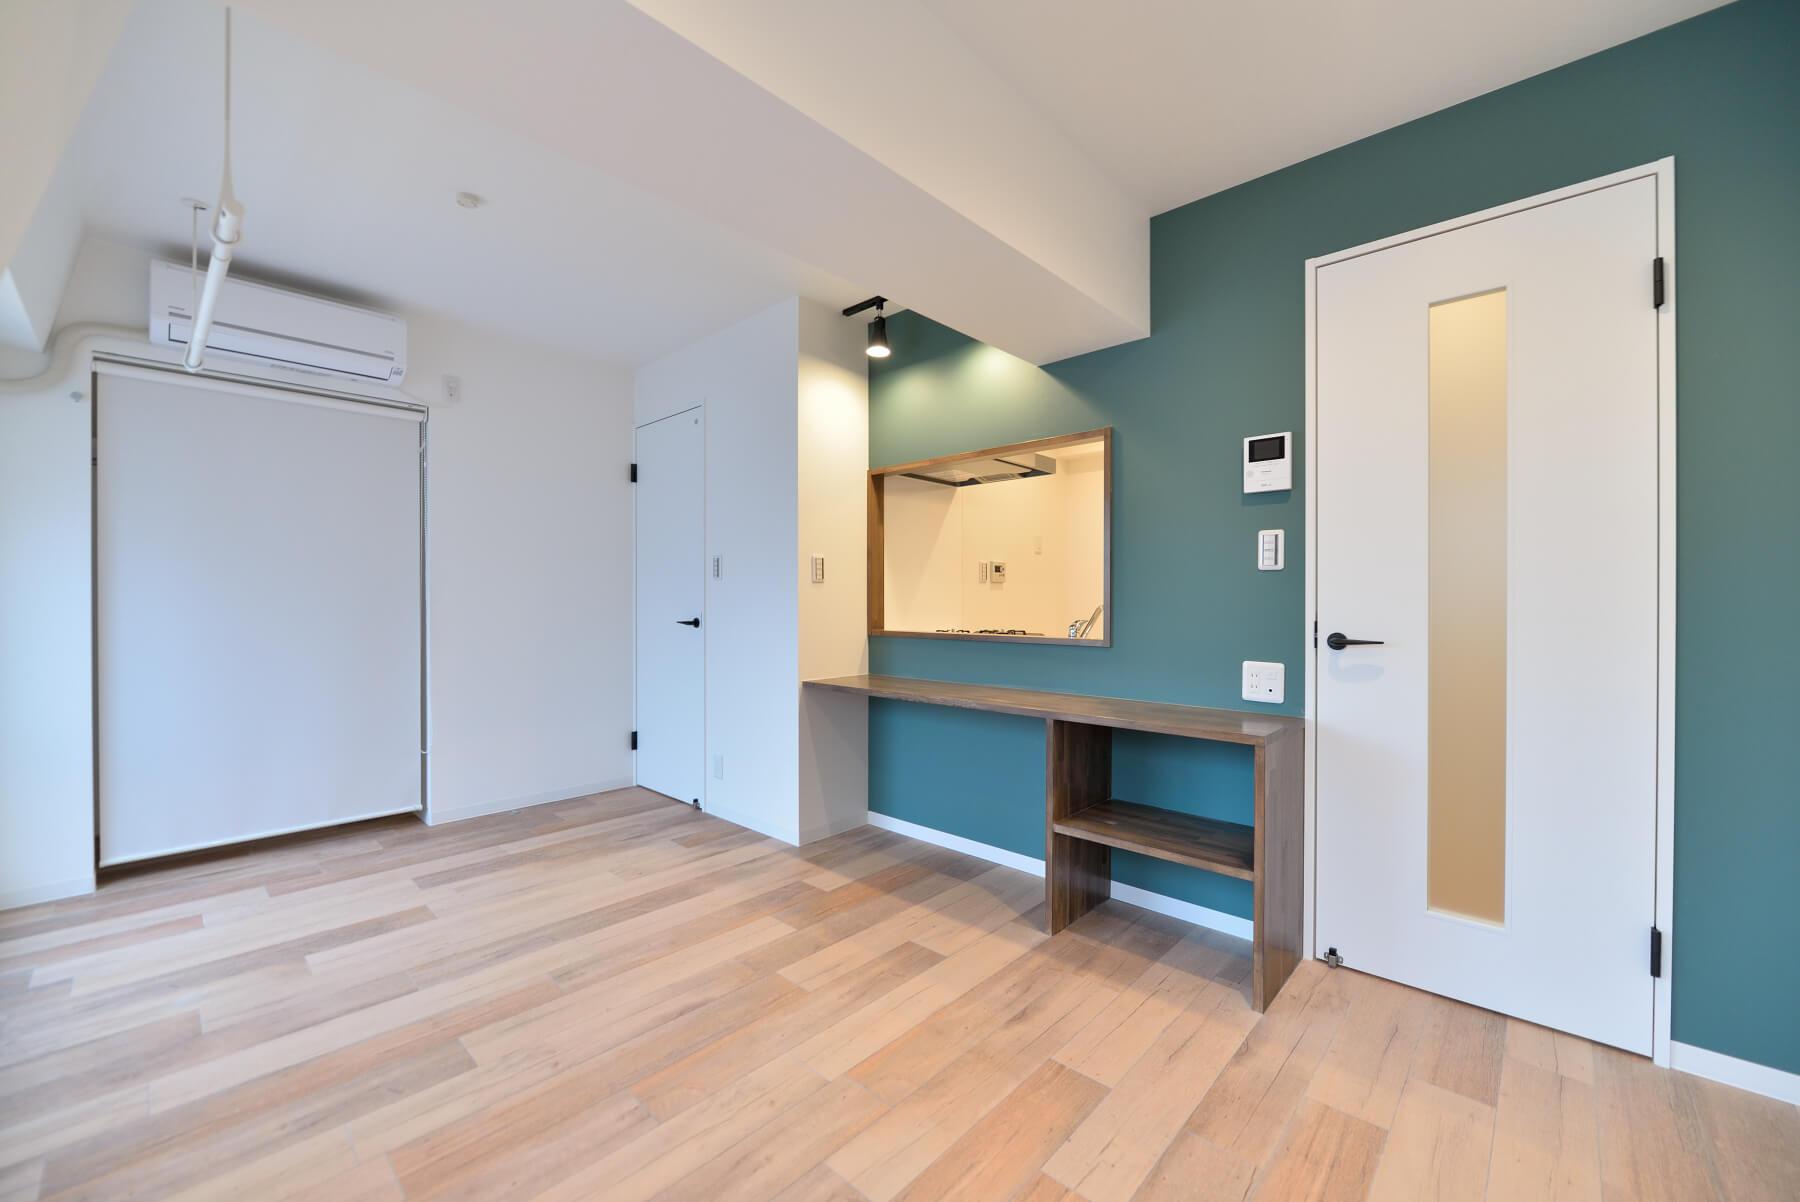 アクセントクロスでキッチンやトイレをおしゃれ空間に!選び方、使い方のポイントとは!?写真2